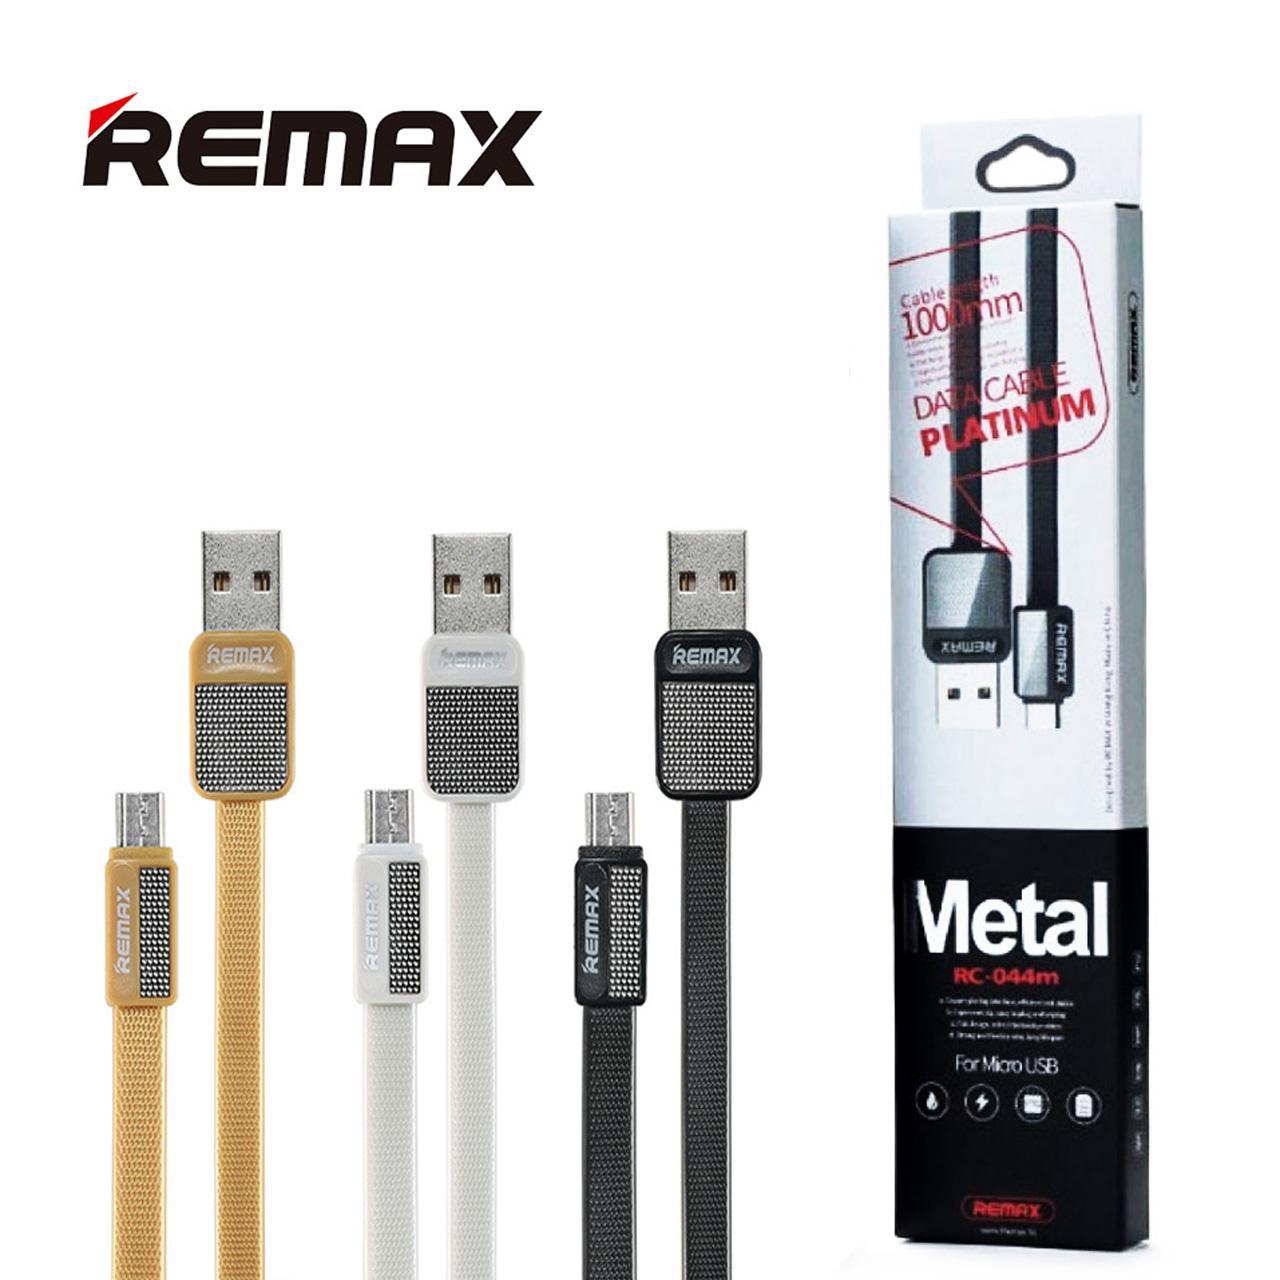 Remax Micro USB RC-044m